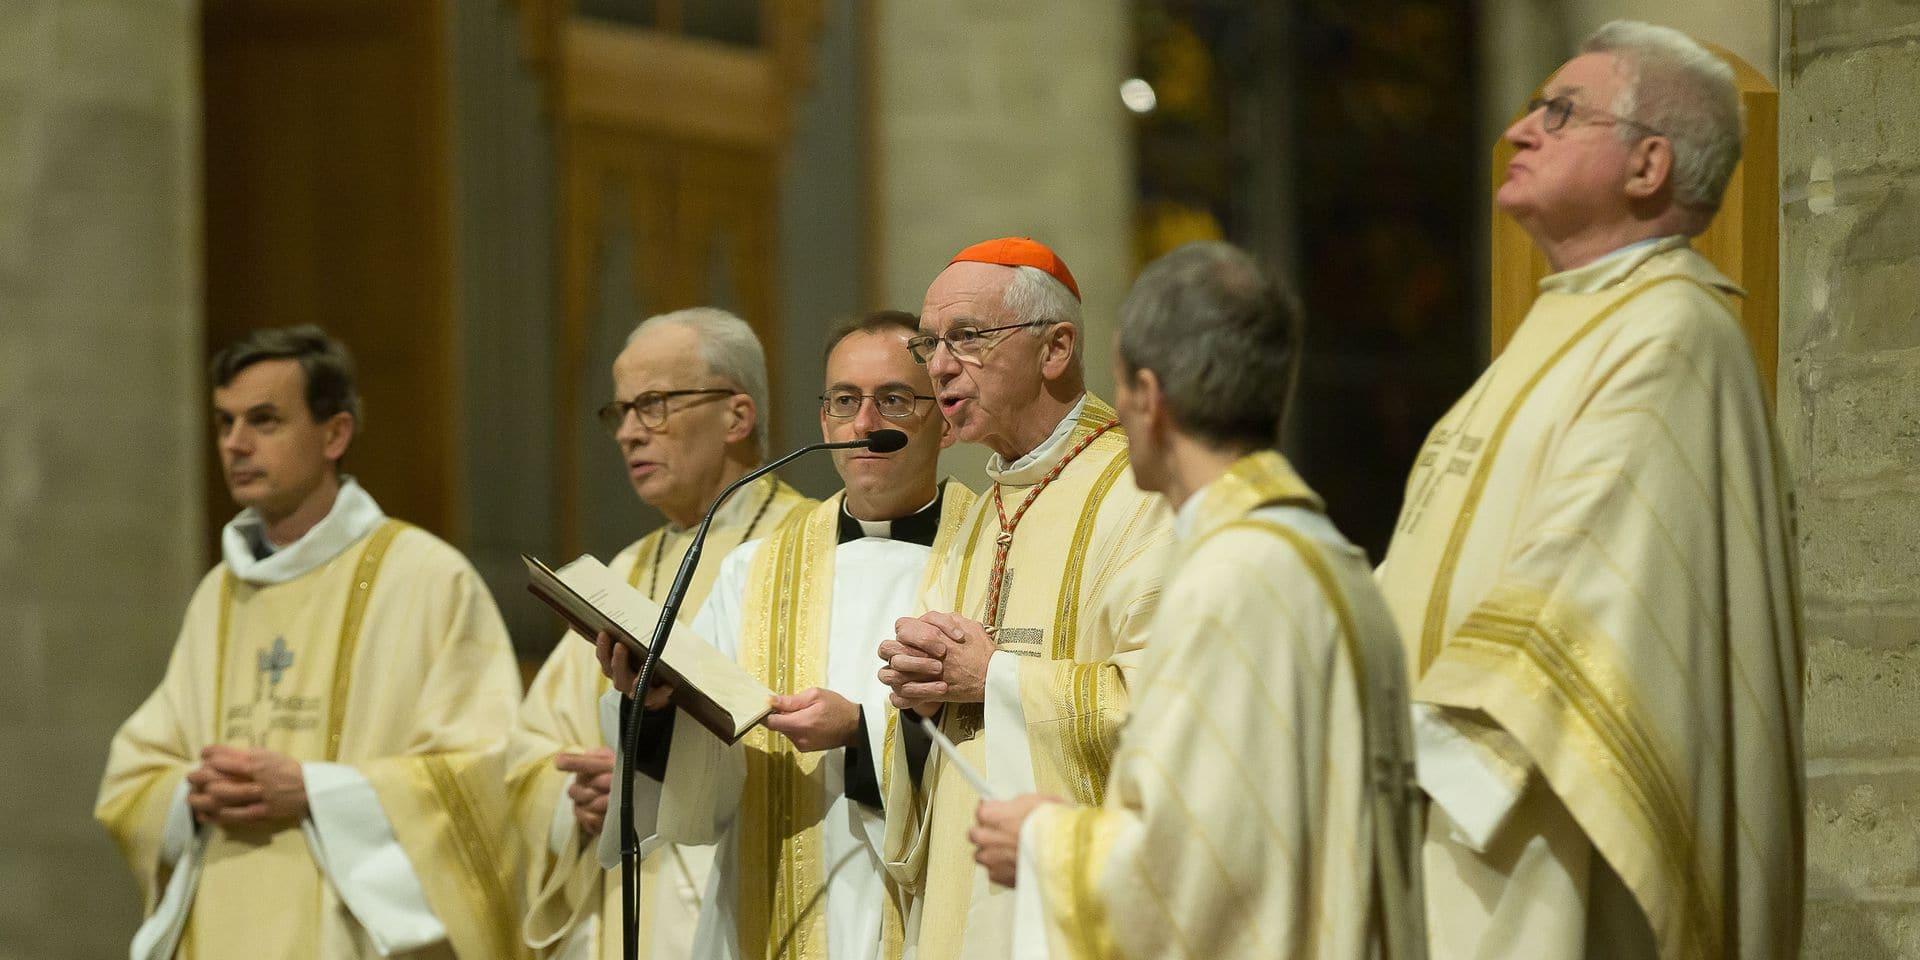 À la messe de minuit, le Cardinal De Kesel a rappelé l'origine chrétienne de la fête de Noël